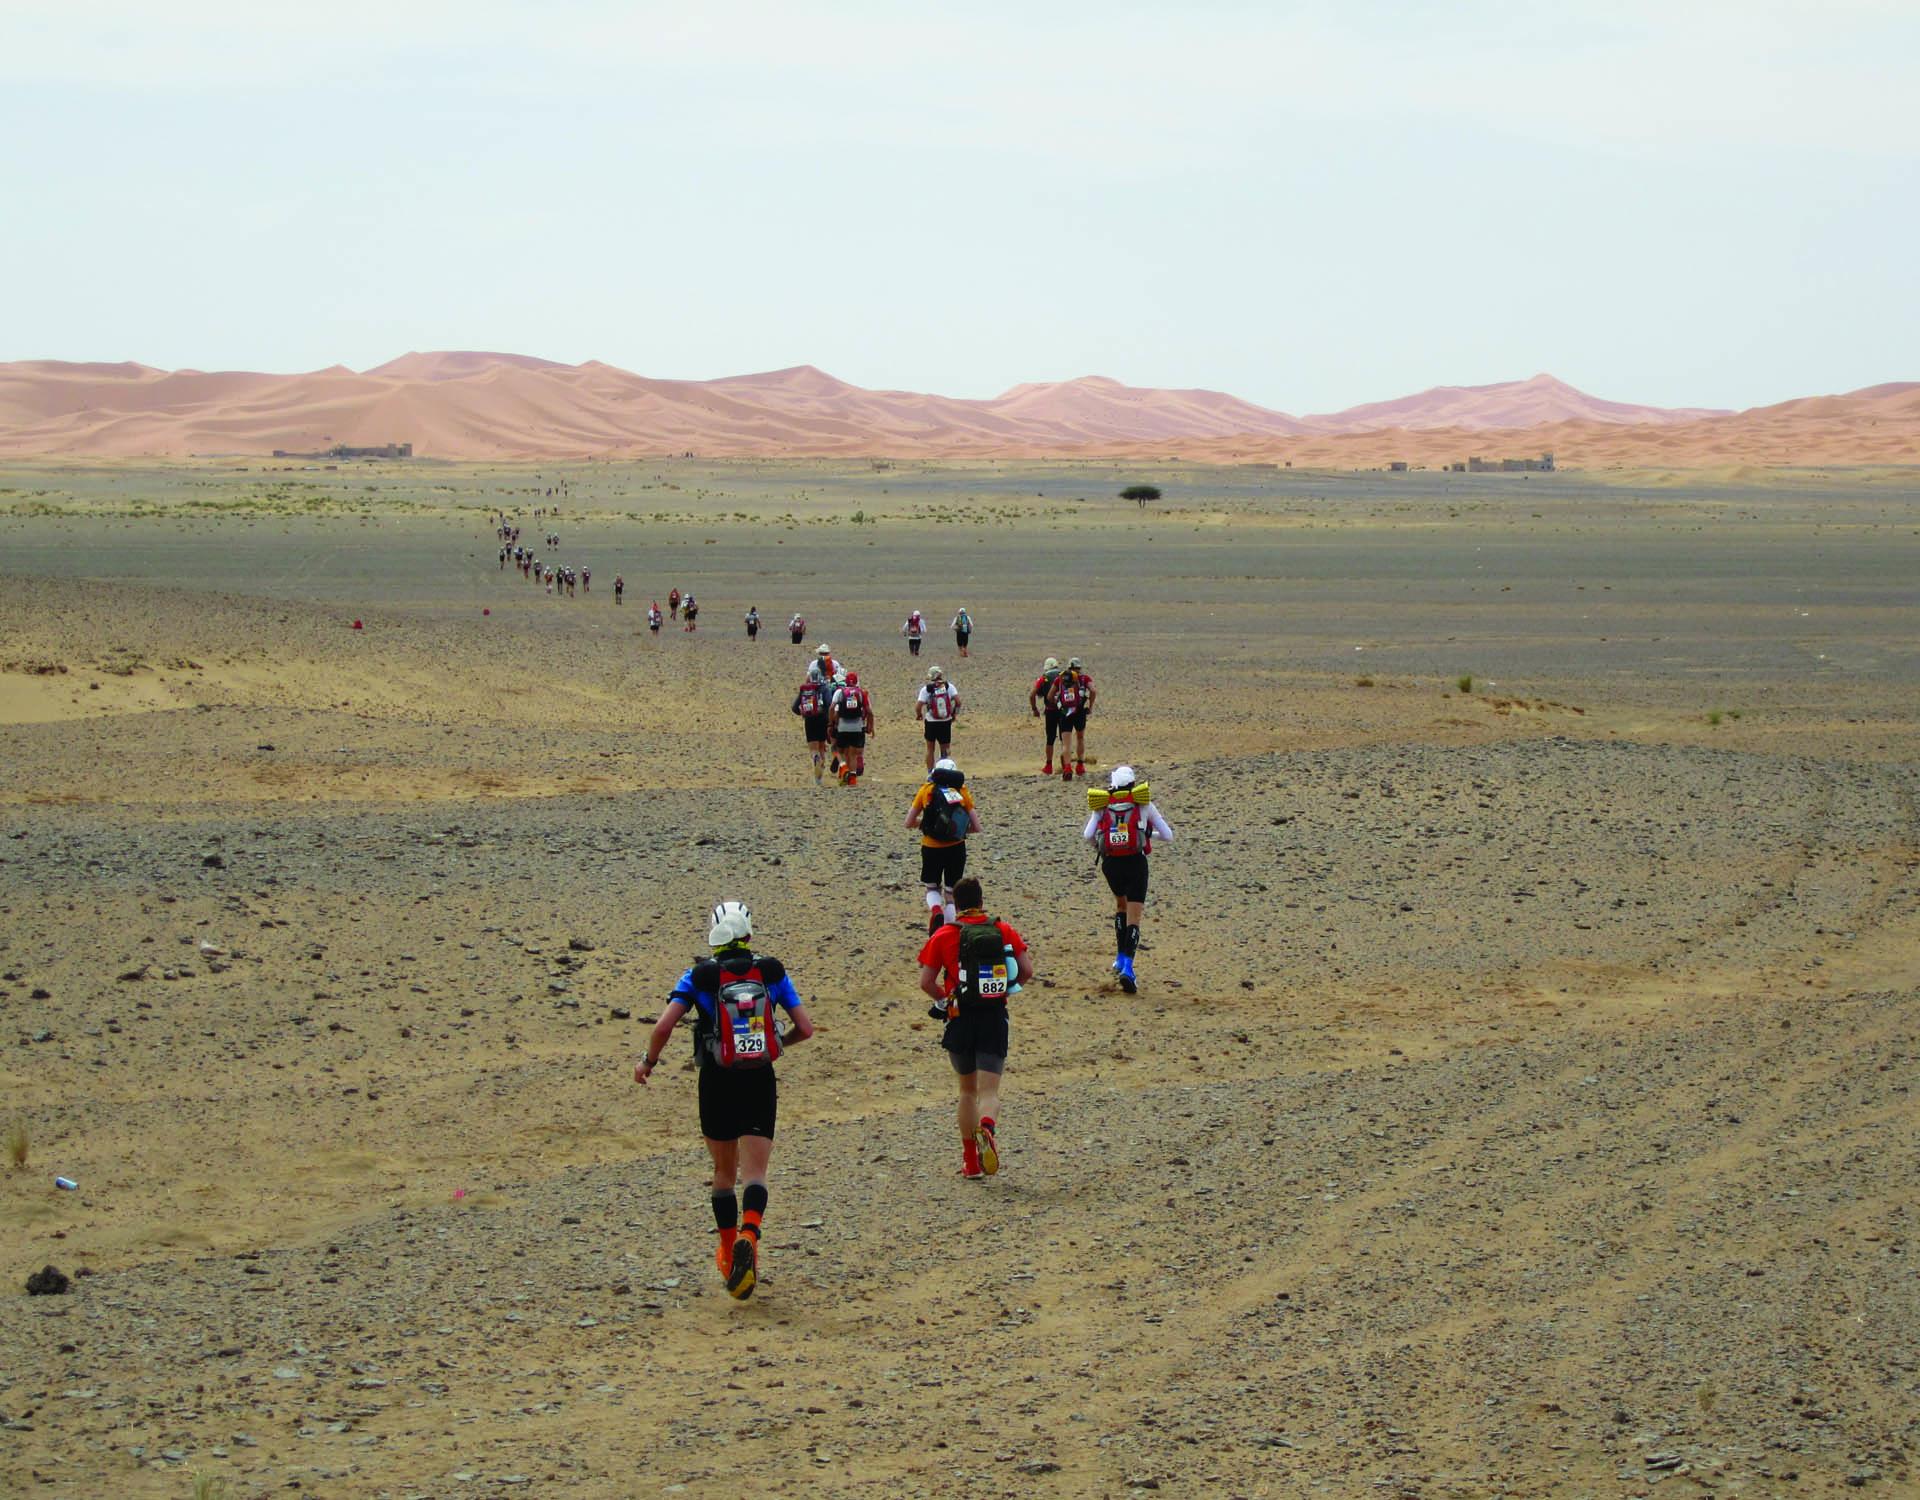 marathon-des-sables-large-image